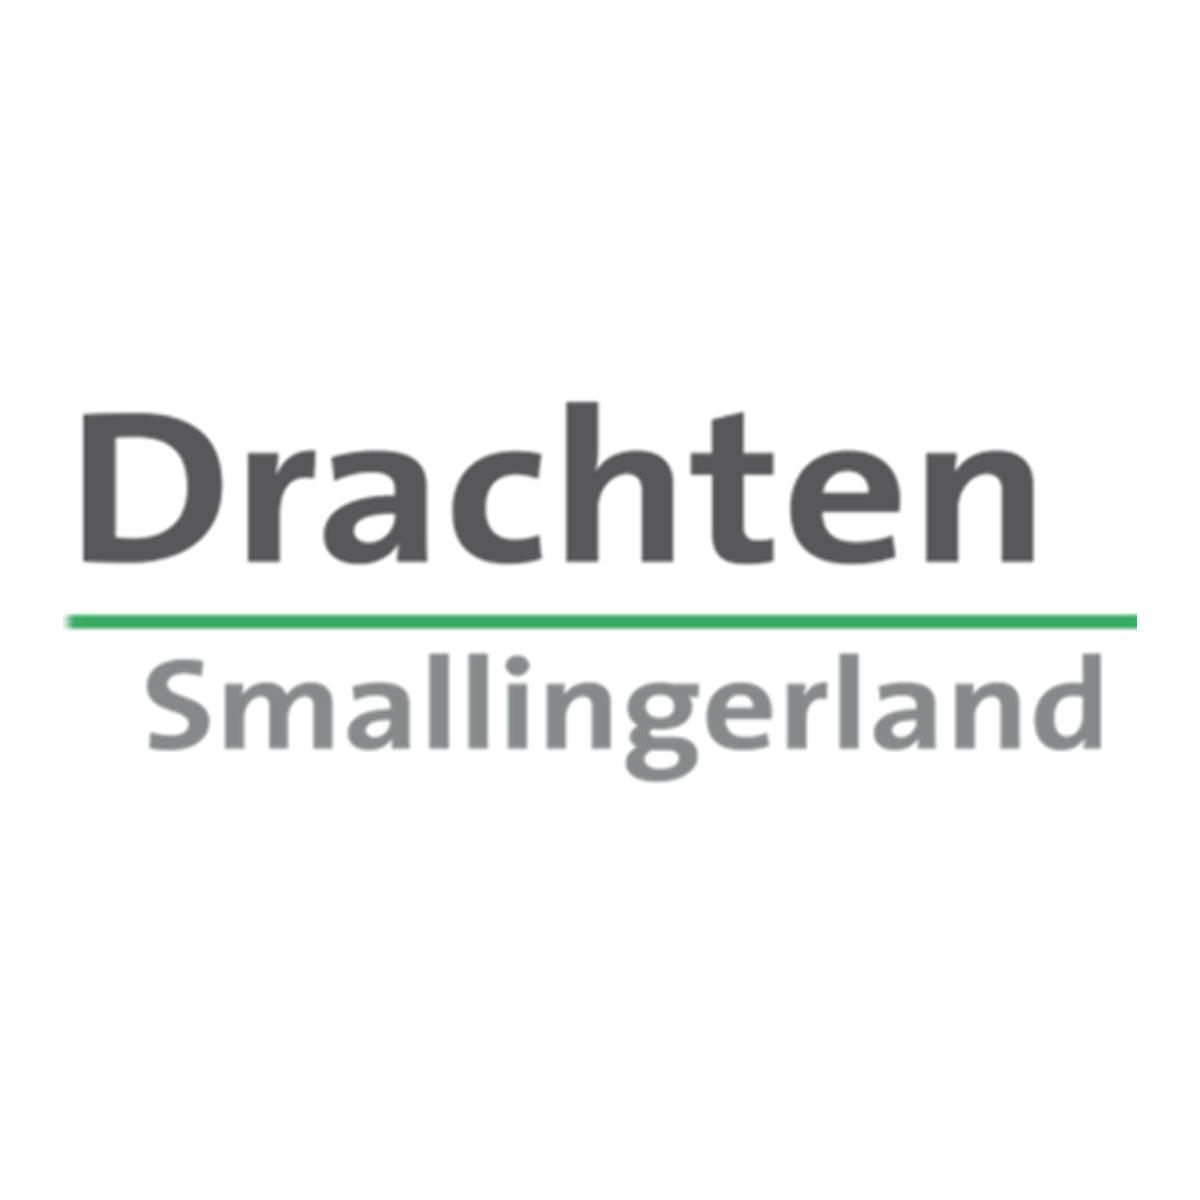 DrachtenSmallingerland.png